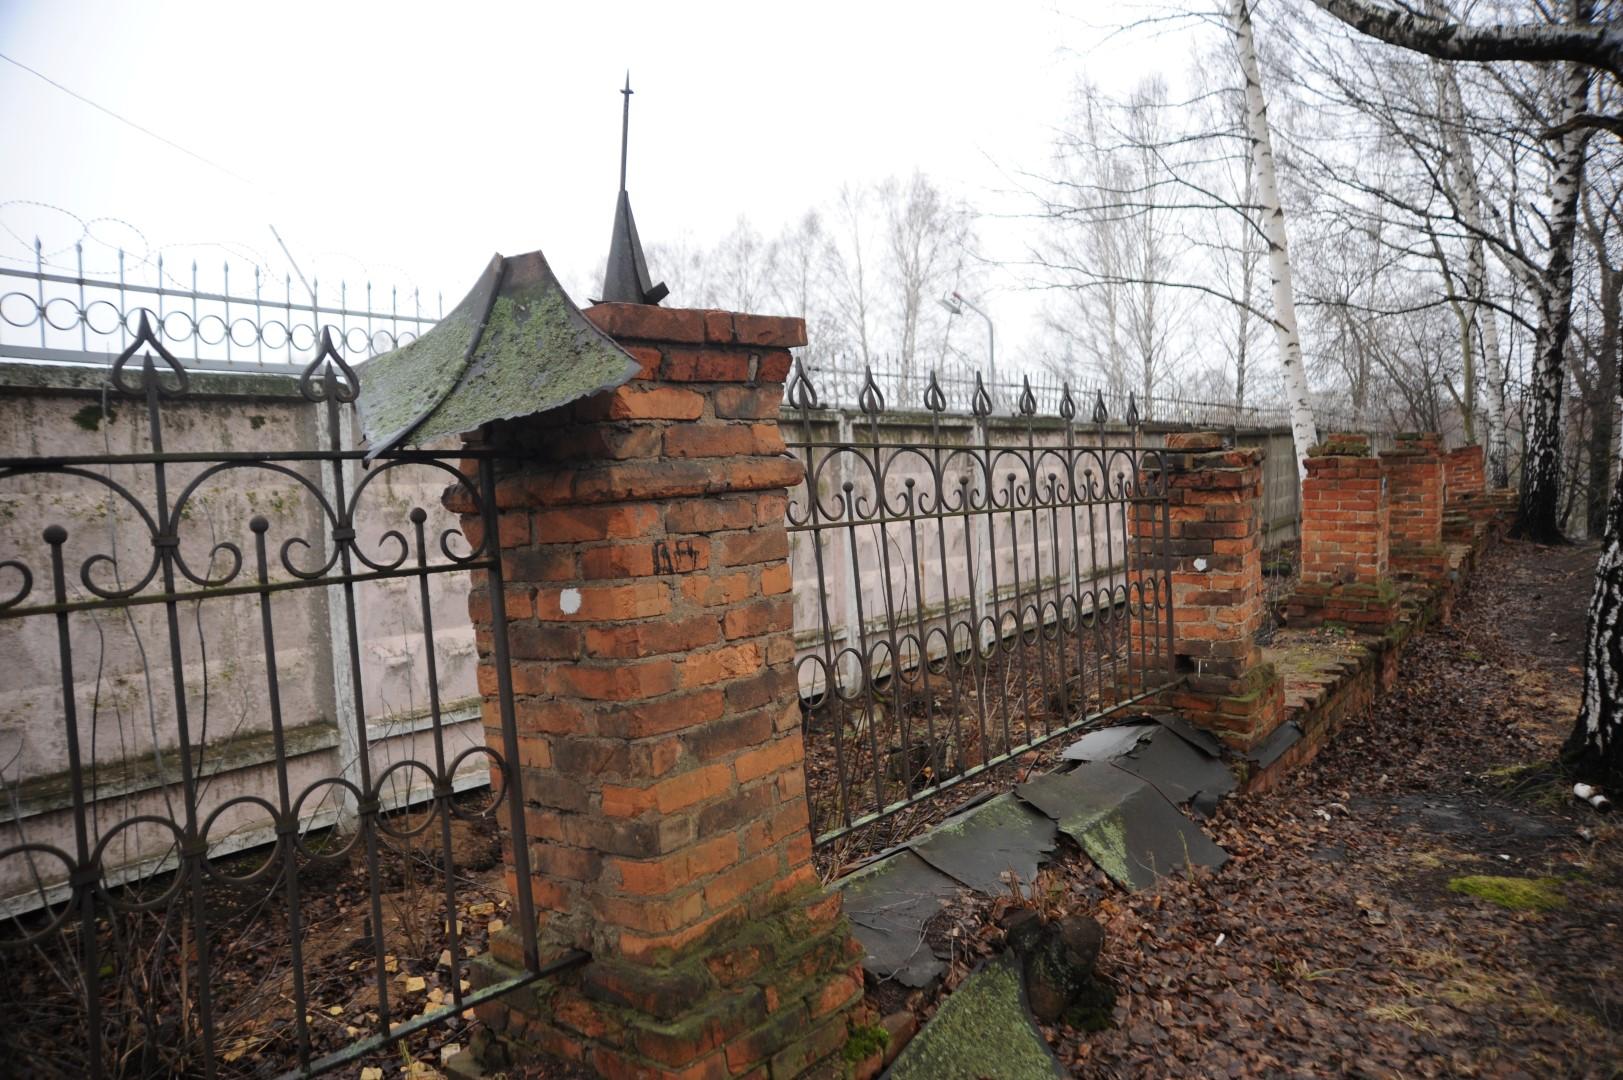 Дмитрий Миронов: в Ярославле собираются воссоздать ограду и изразцы церкви Иоанна Предтечи